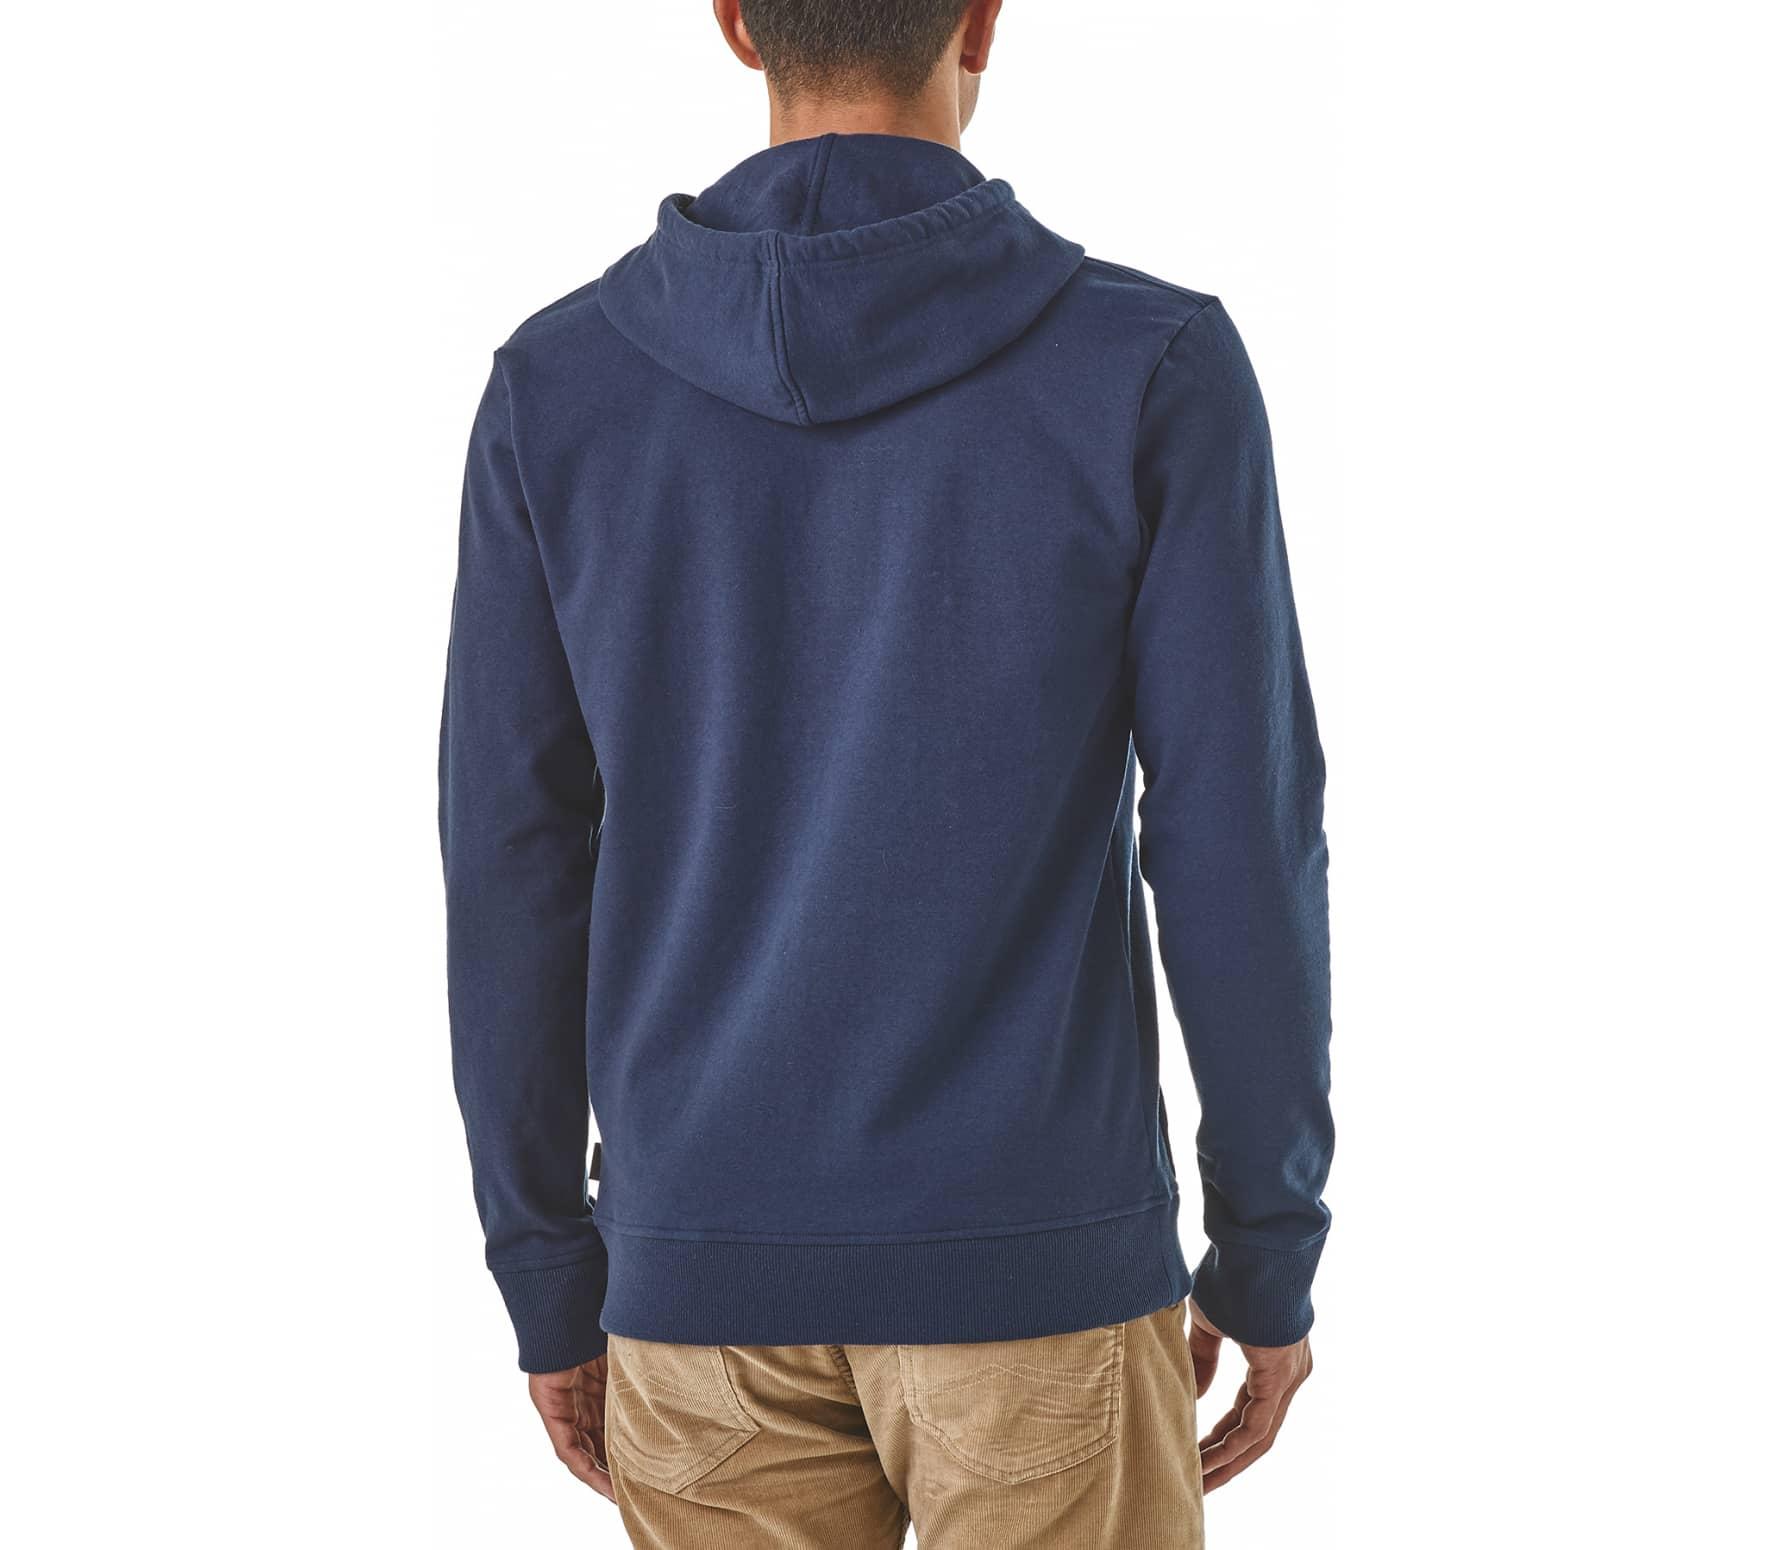 Patagonia - Live Simply Winding Uprisal men's hoodie (blue)